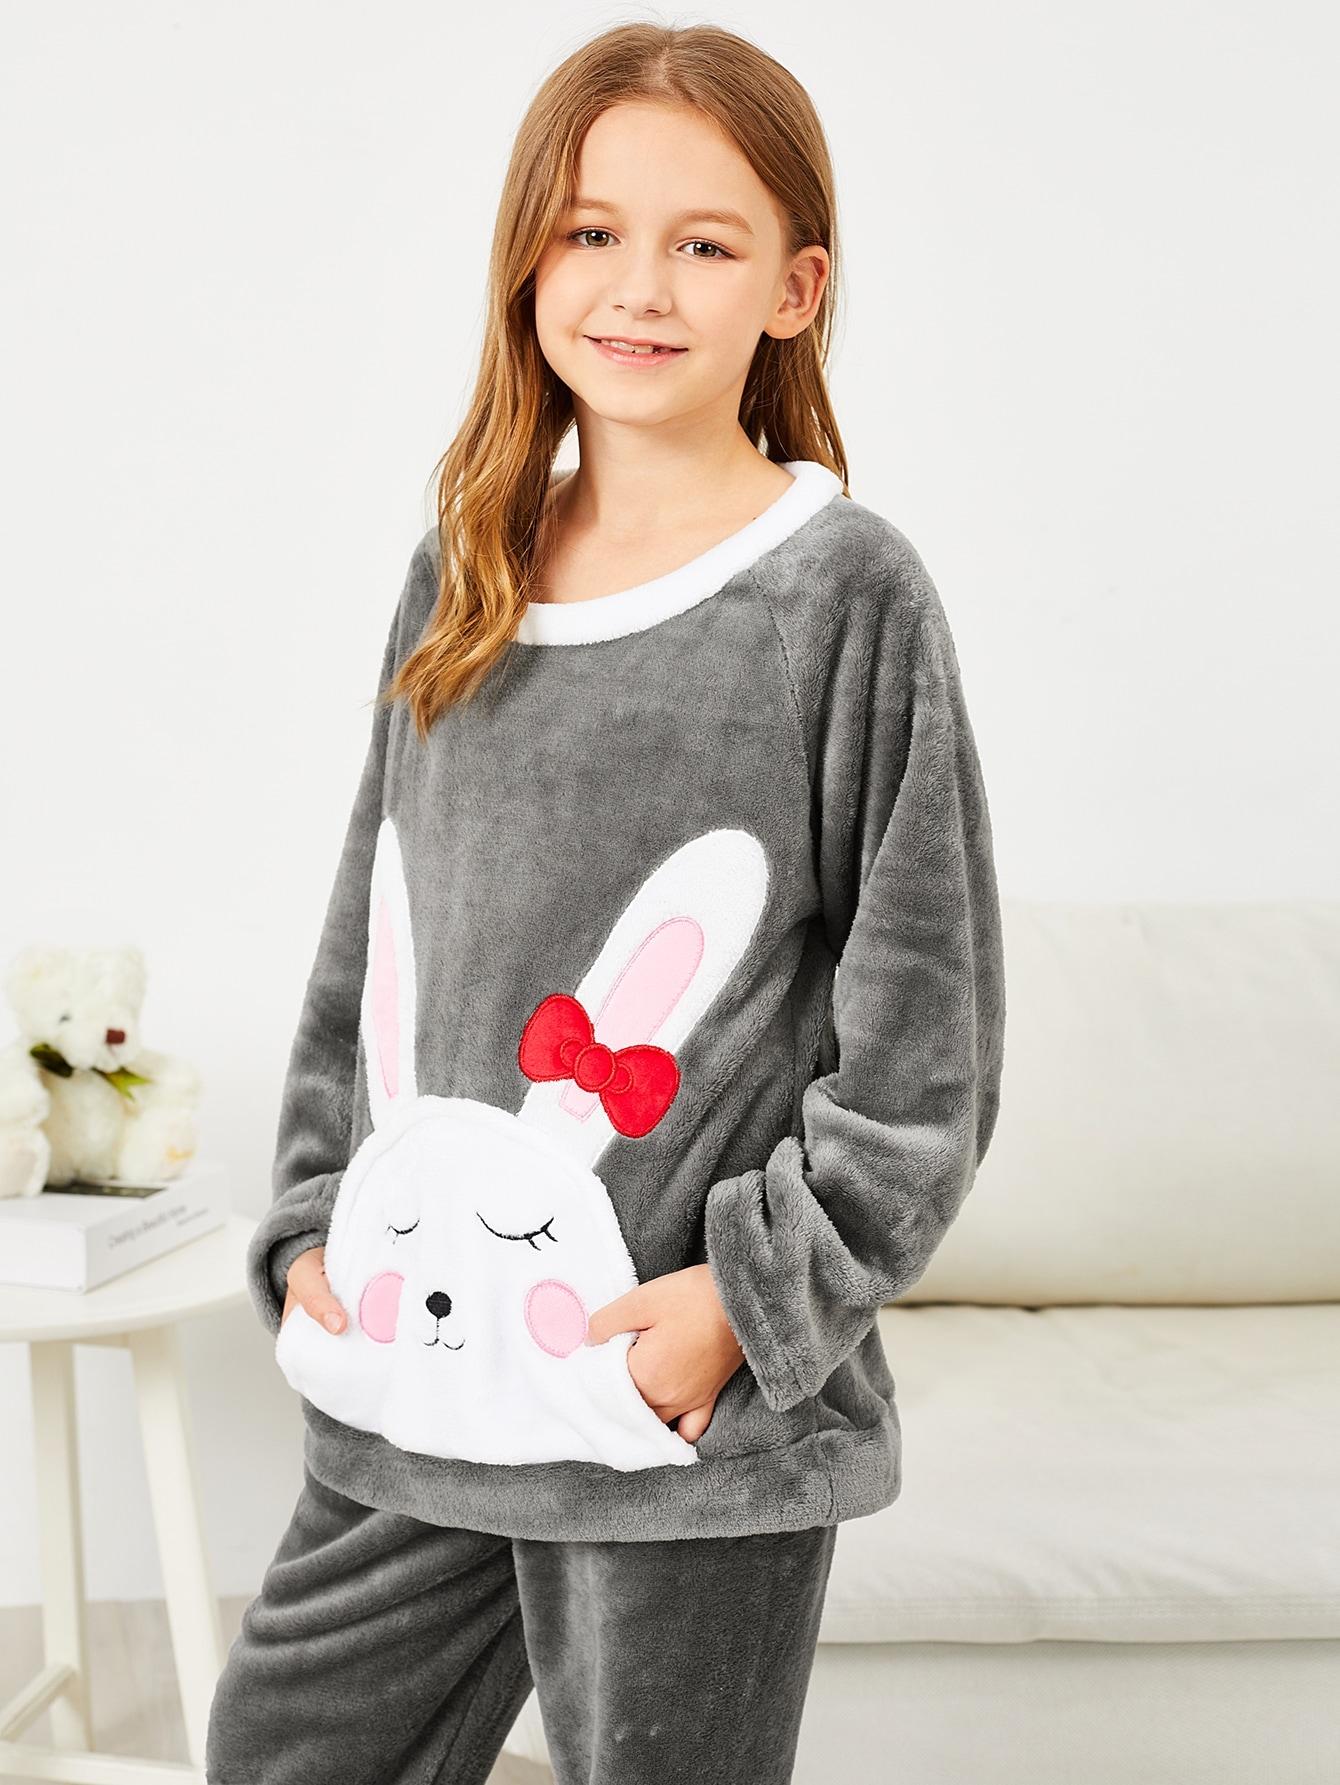 Пушистая пижама с принтом вышитого кролика для девочек от SheIn